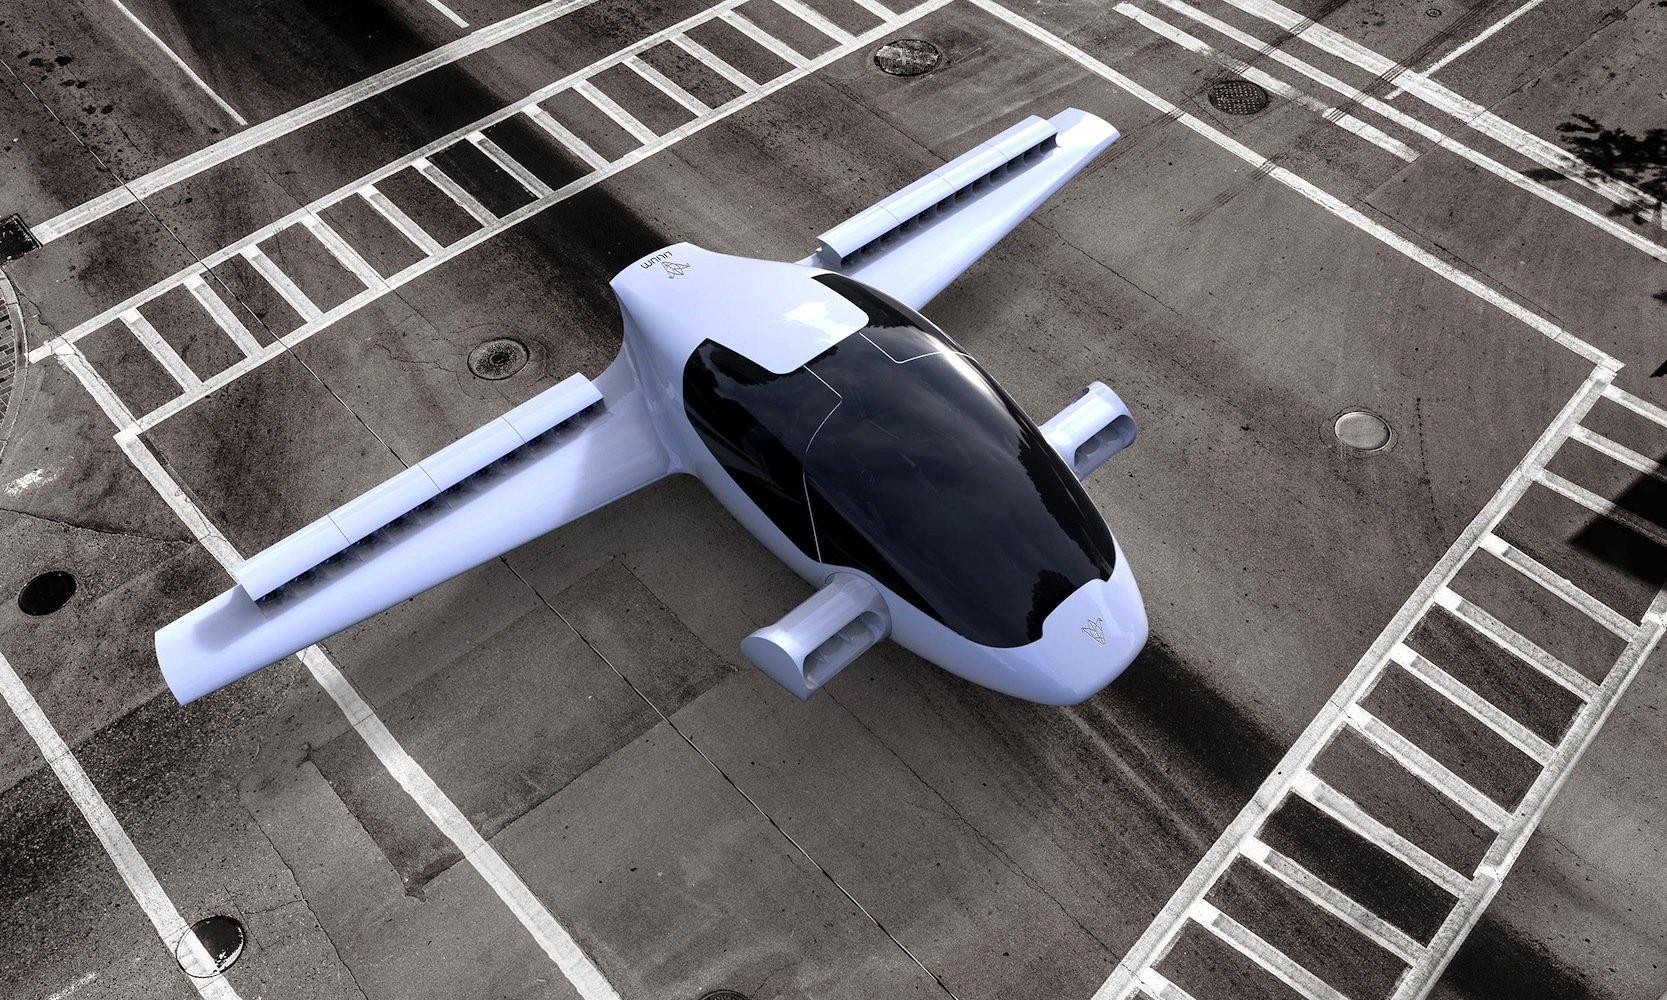 Der Jet kann senkrecht starten und landen und braucht deshalb wie ein Hubschrauber nur einen kleinen Start- und Landeplatz.